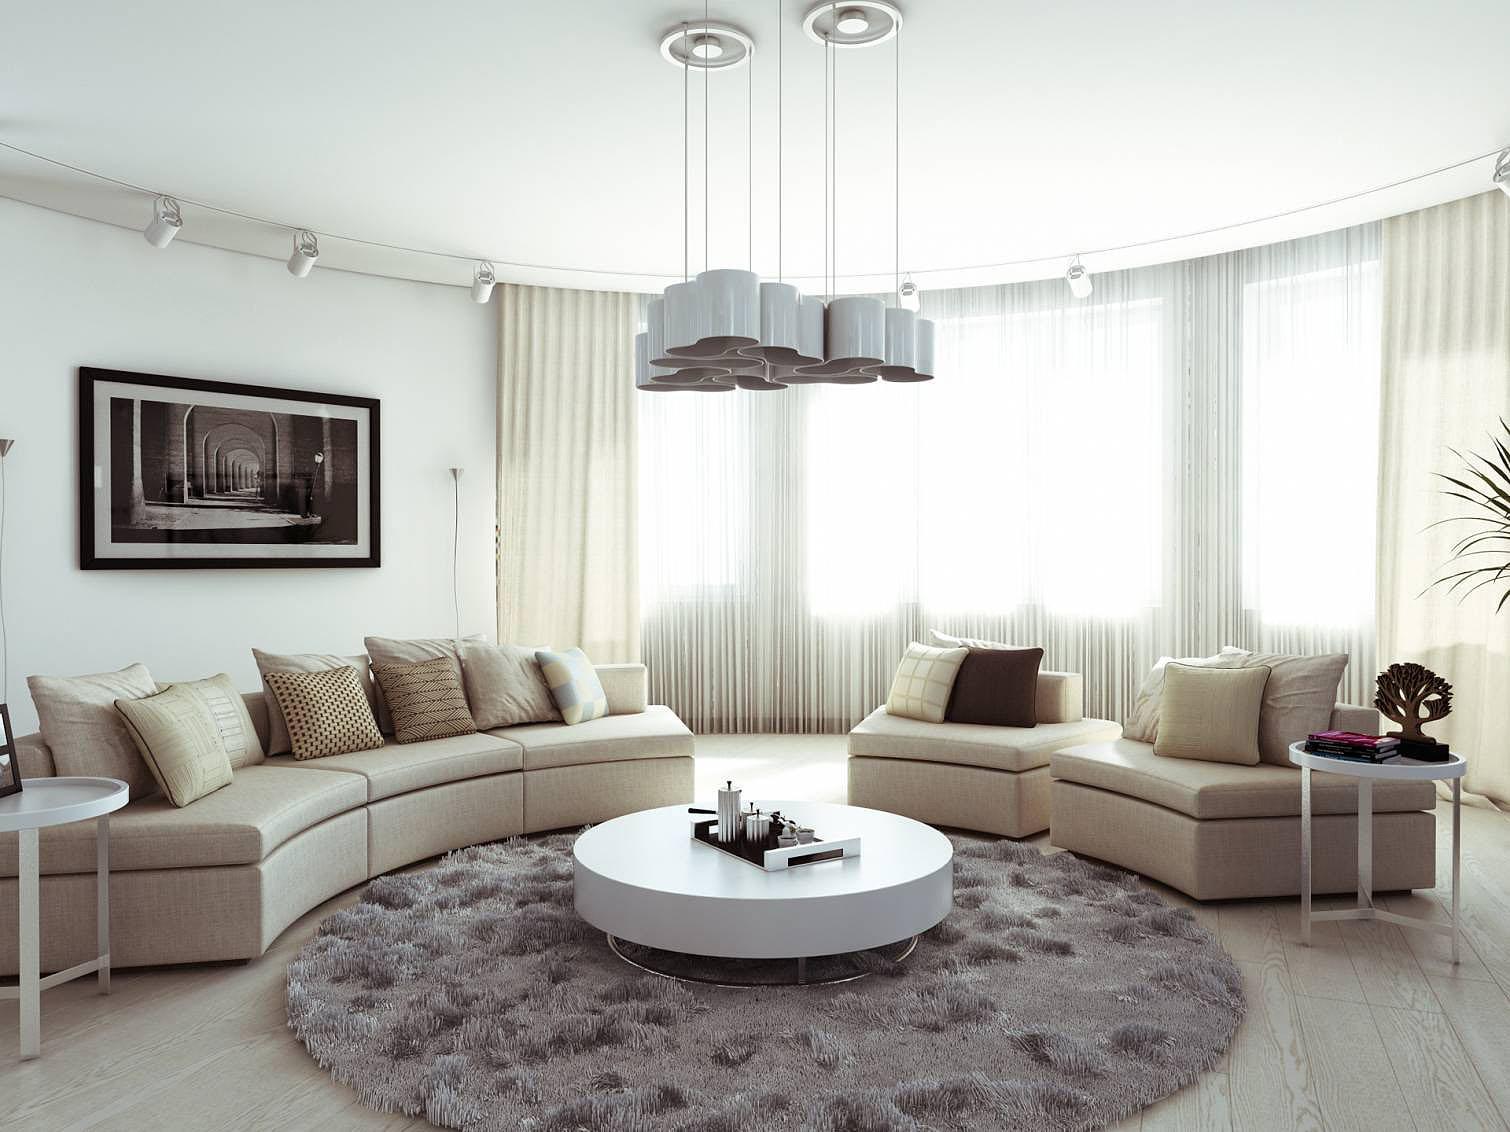 [Design] Come scegliere i tappeti di casa